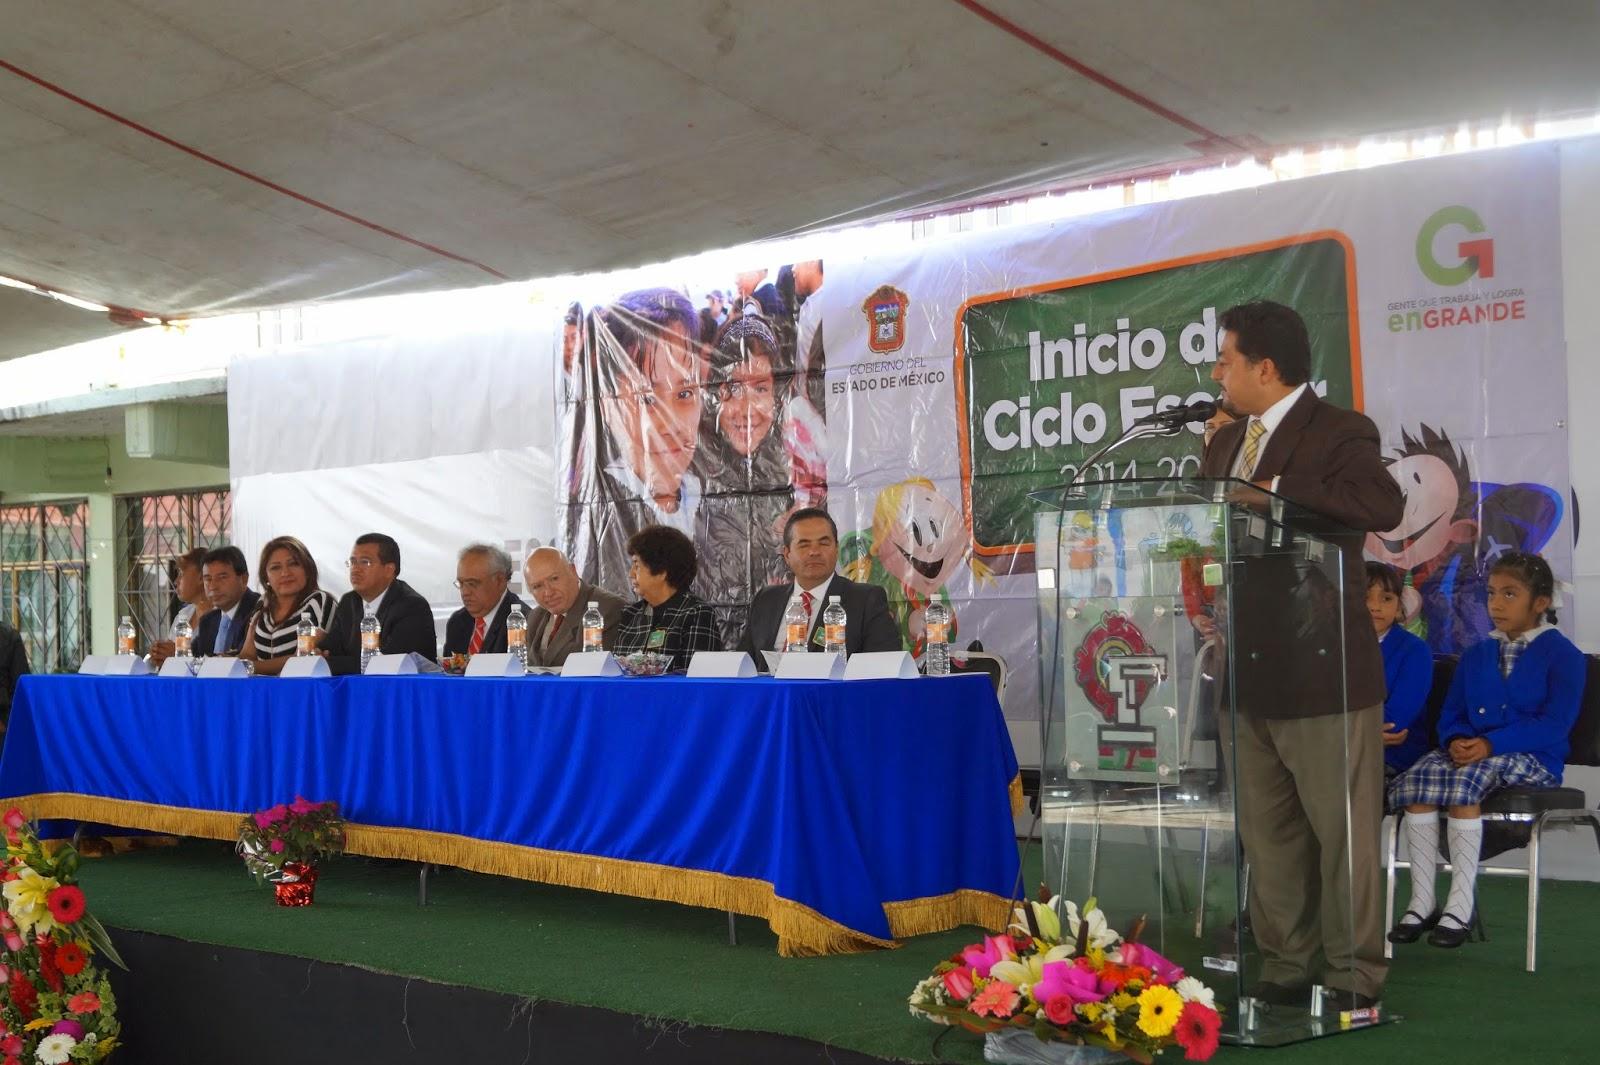 Leticia Calderón Ramirez